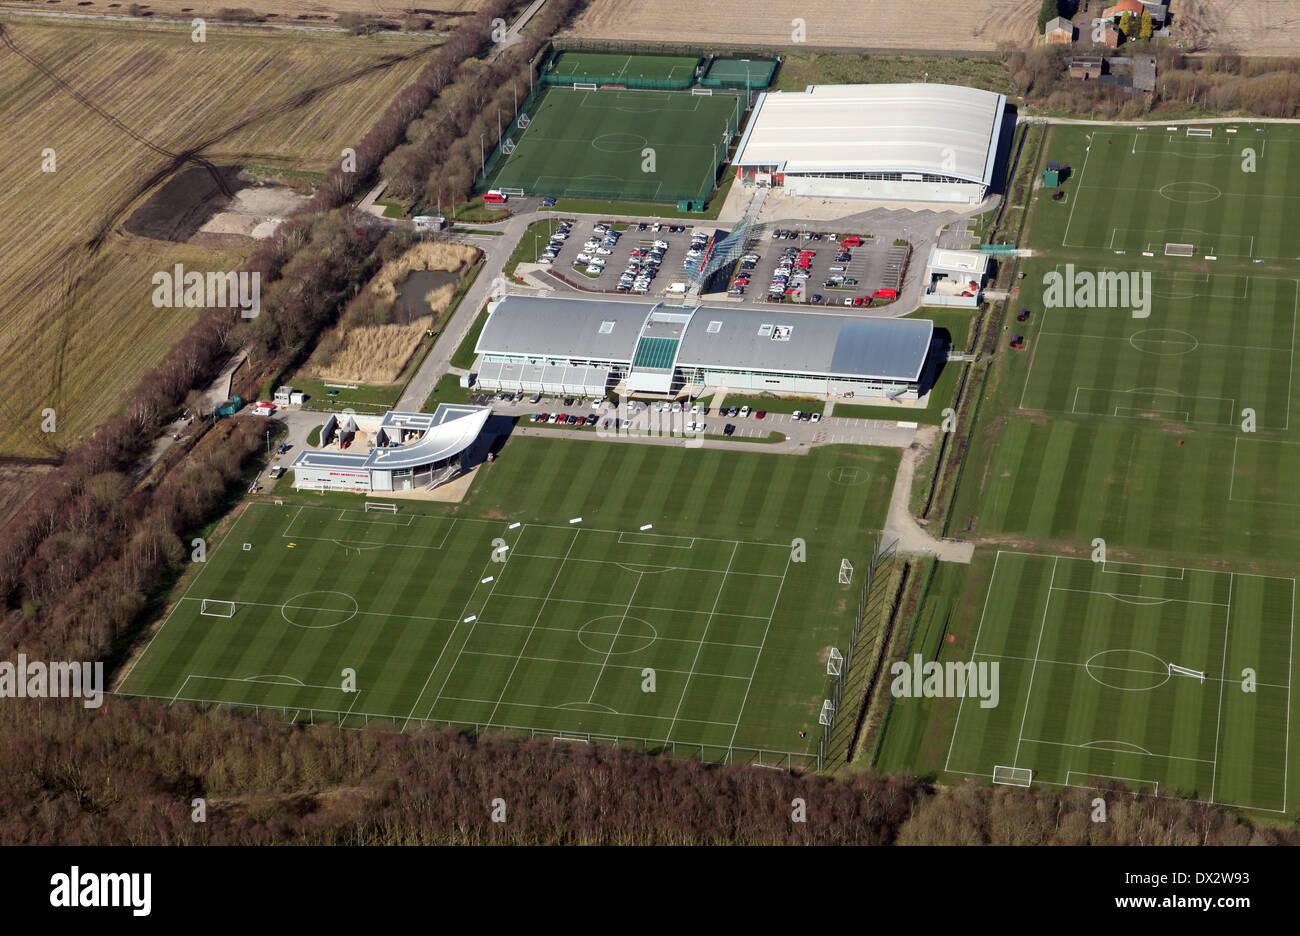 Vue aérienne du terrain d'entraînement de football Manchester United, Manchester à Carrington Photo Stock